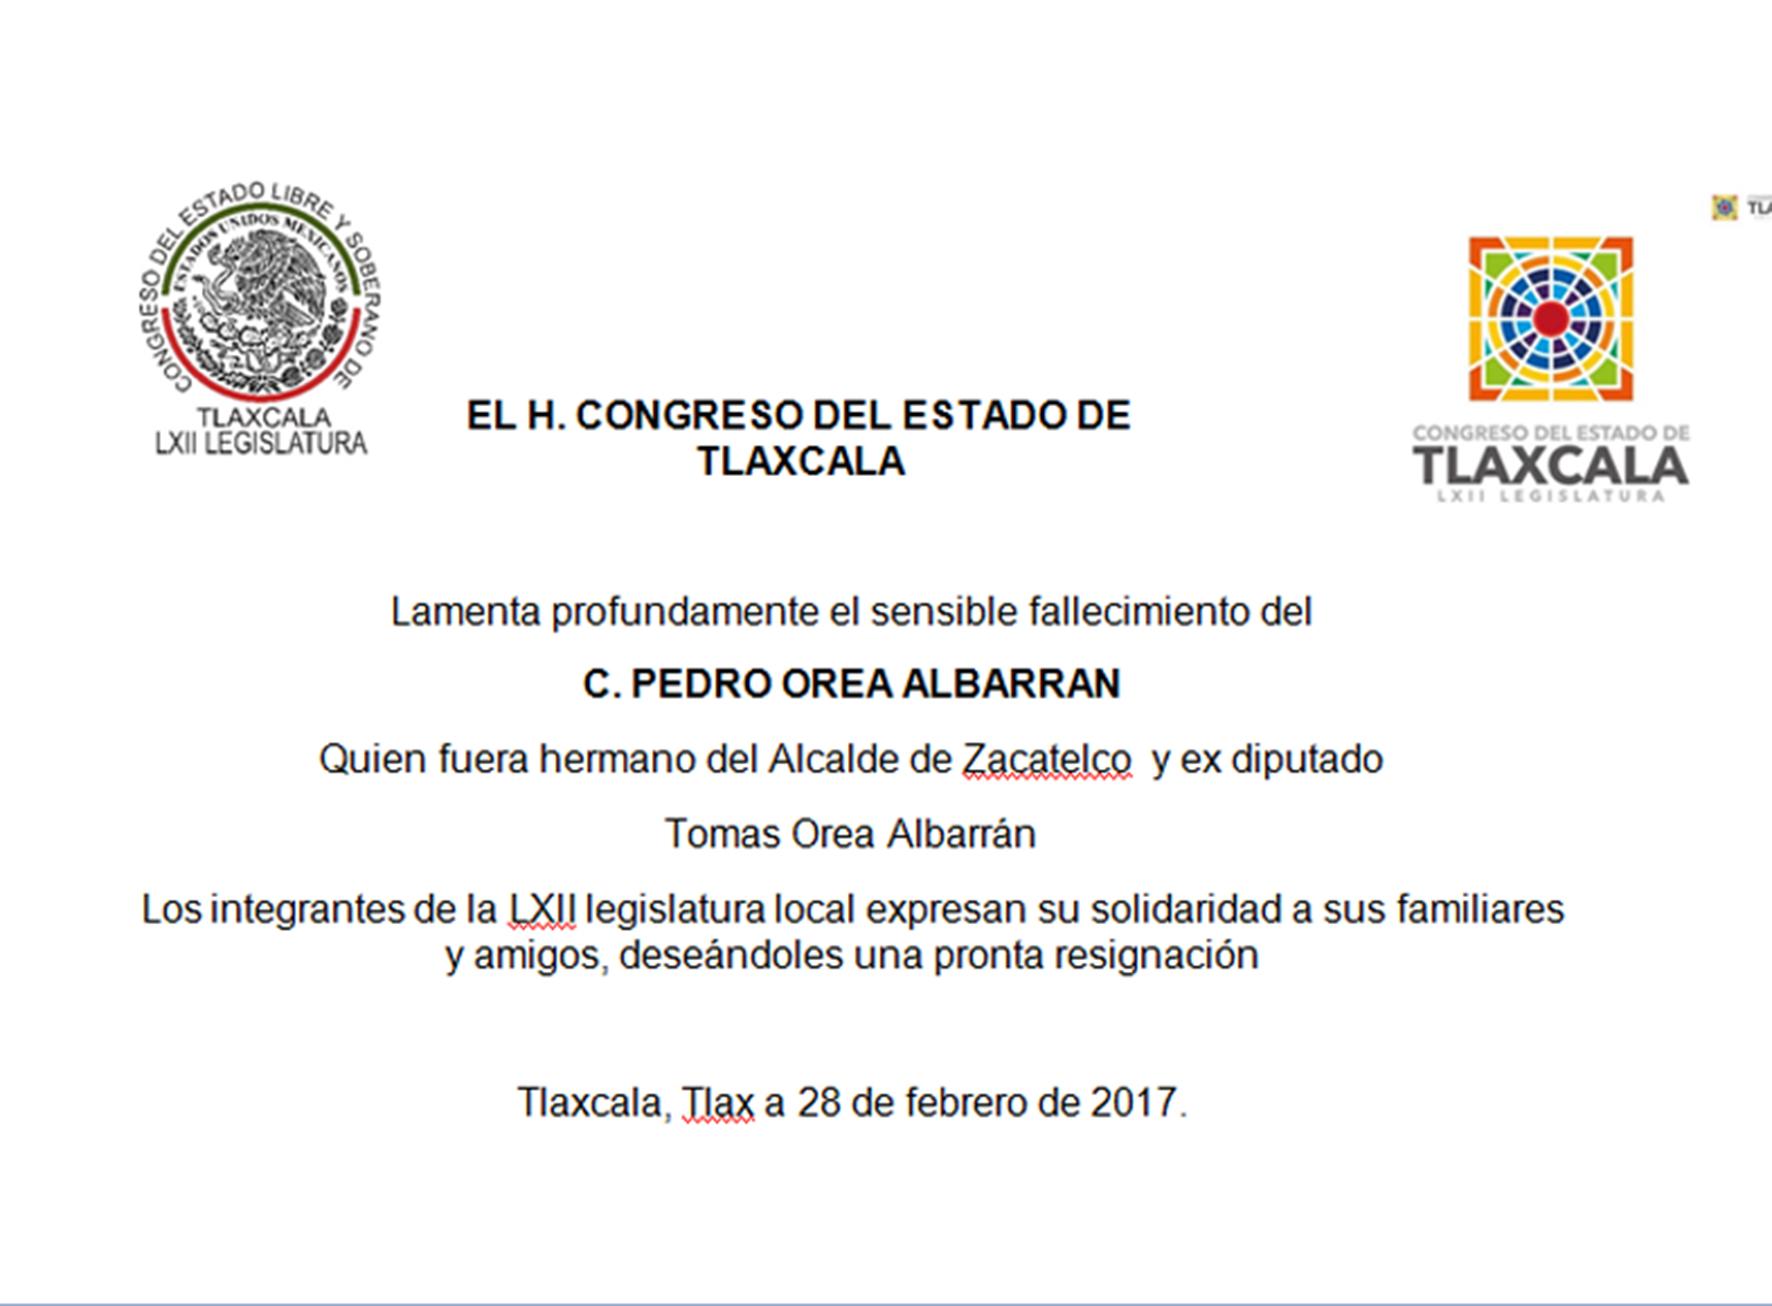 Congreso Tlaxcala